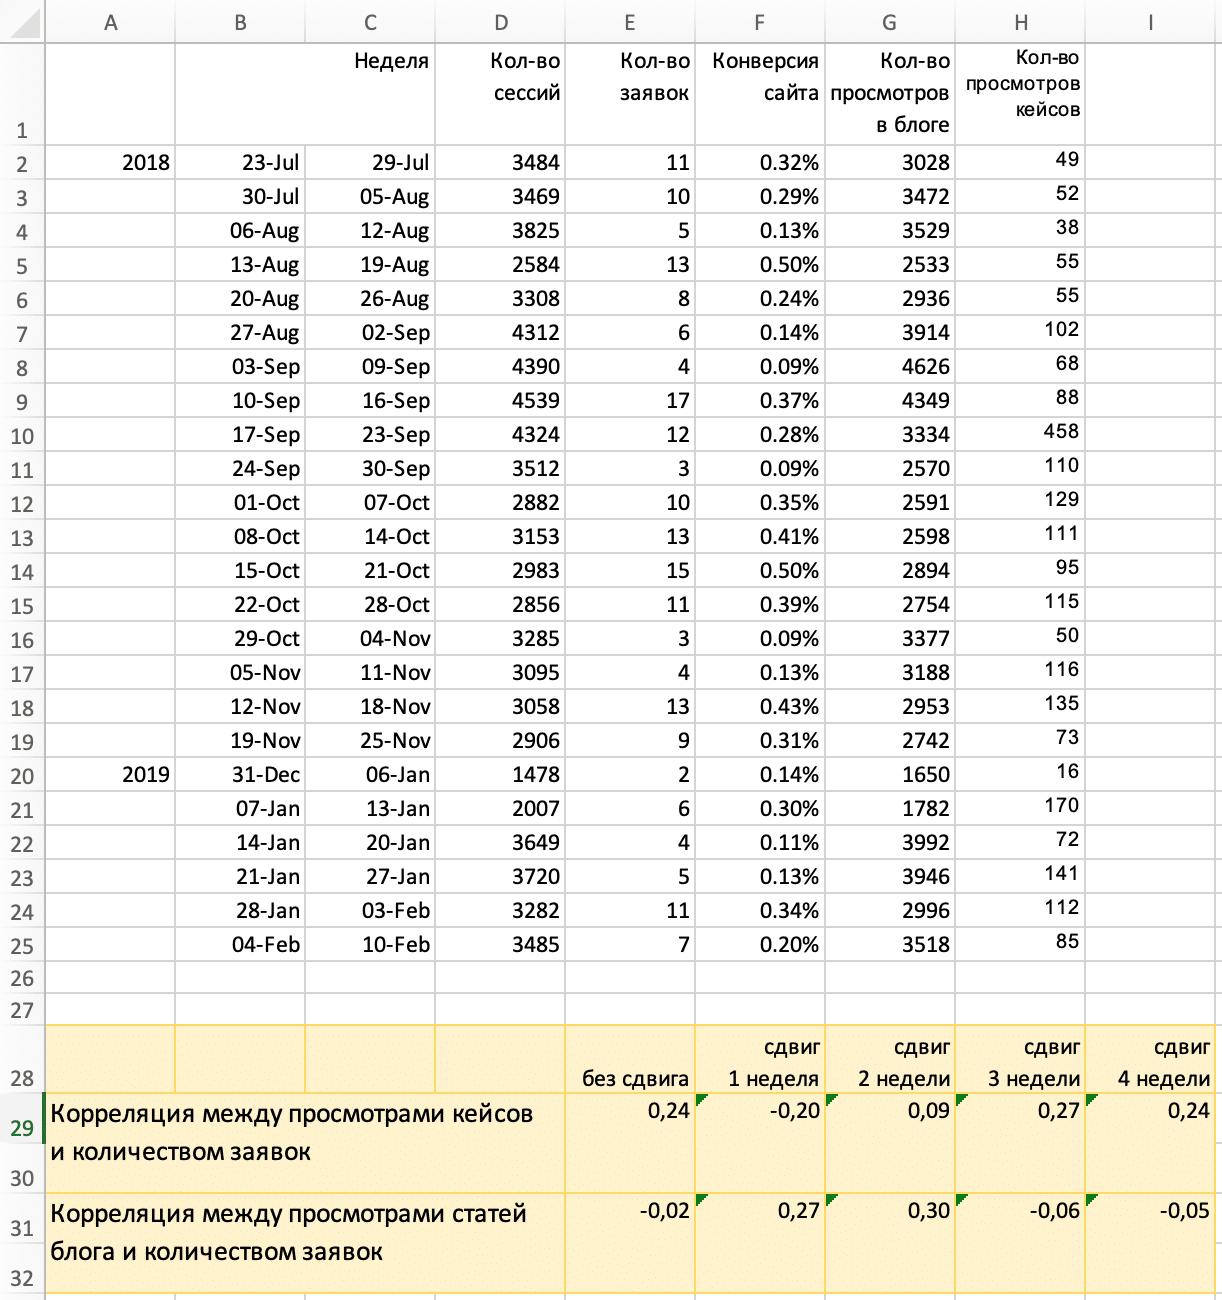 Корреляция между заявками и прочтениями контента